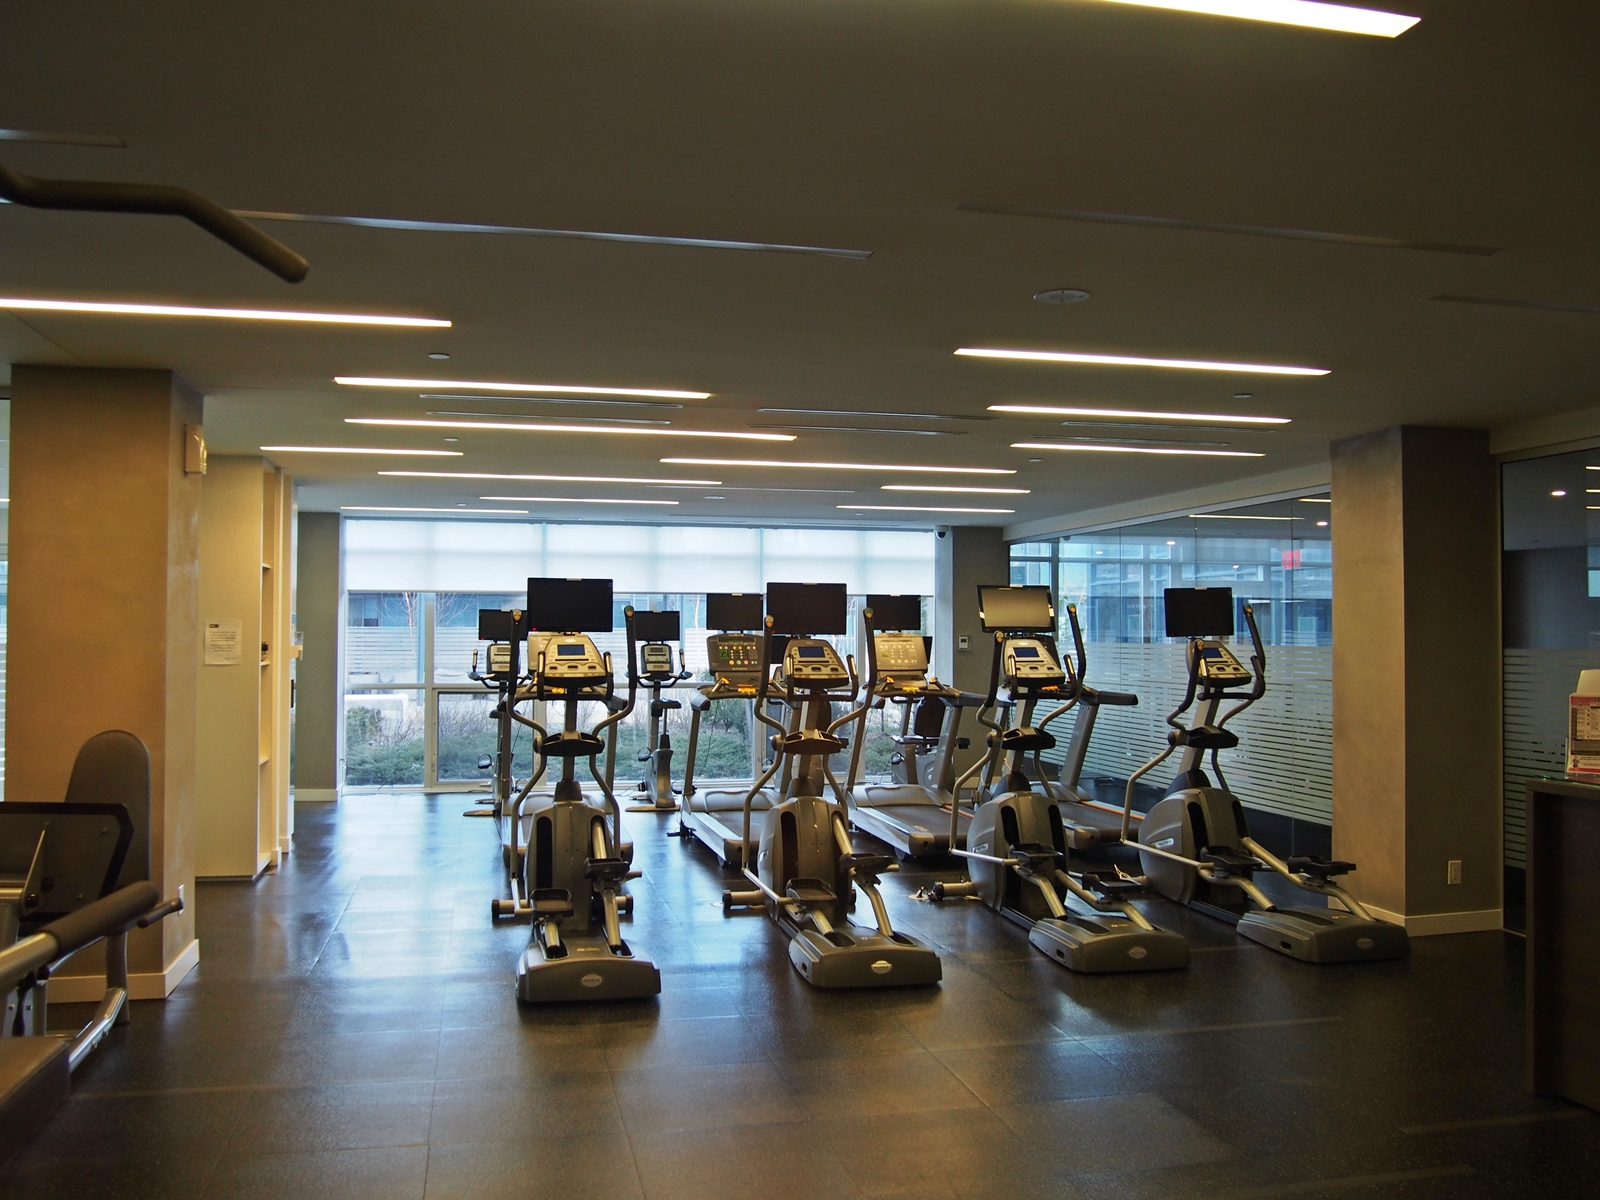 Gym and Yoga Facilities